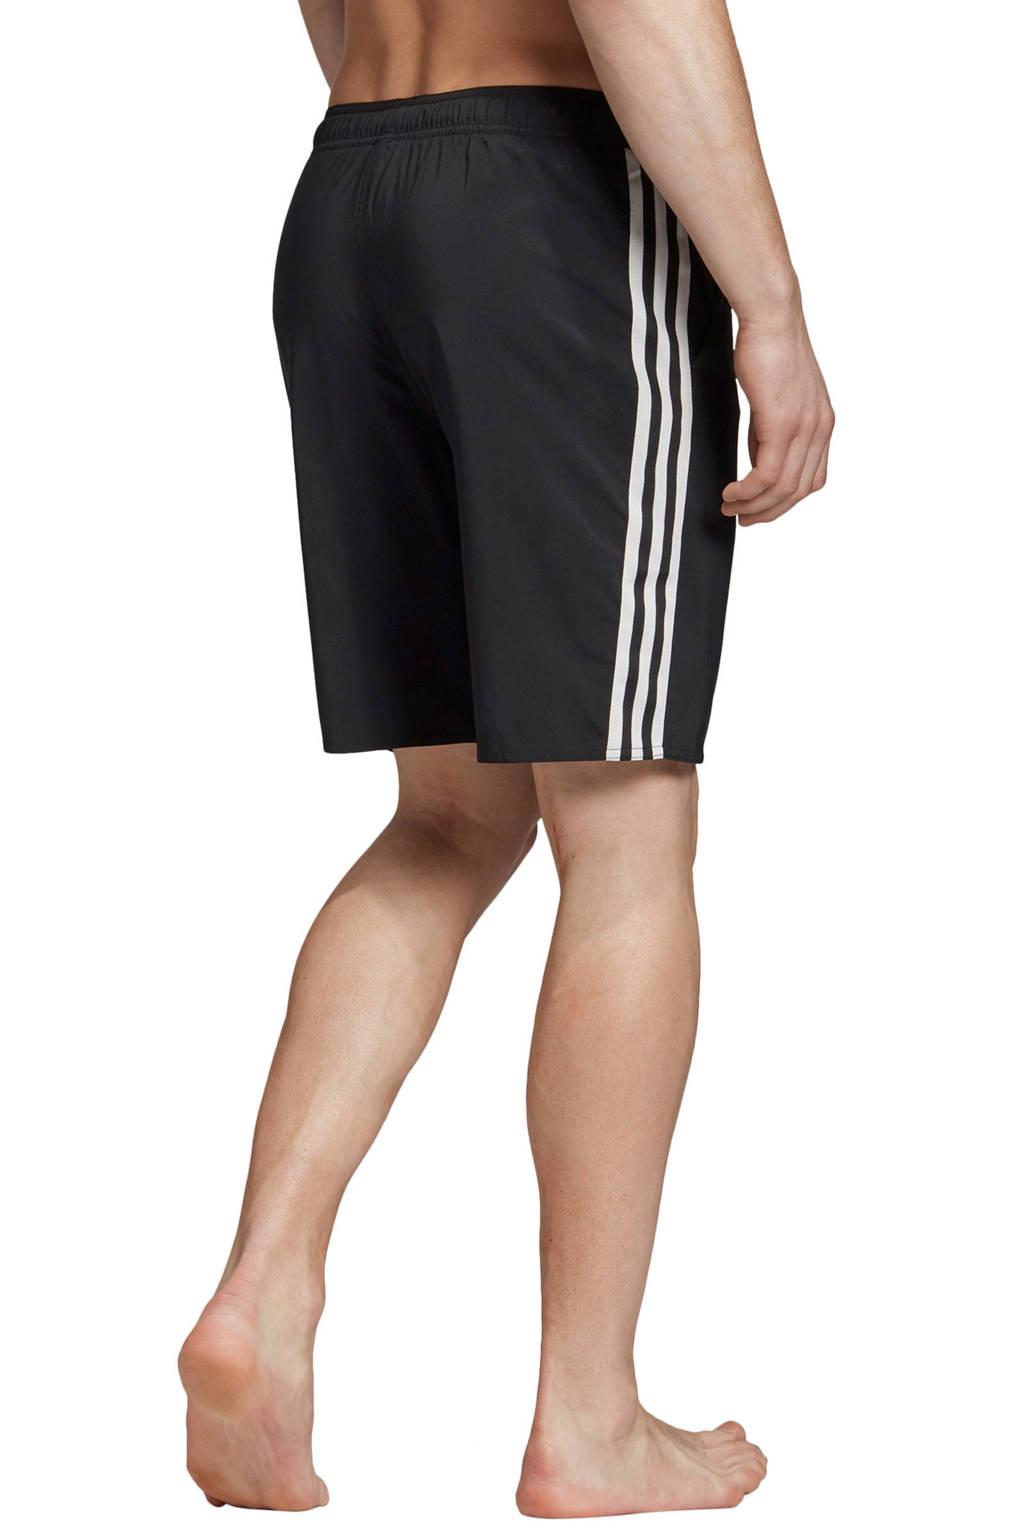 adidas performance zwemshort 3-stripes zwart, Zwart/wit